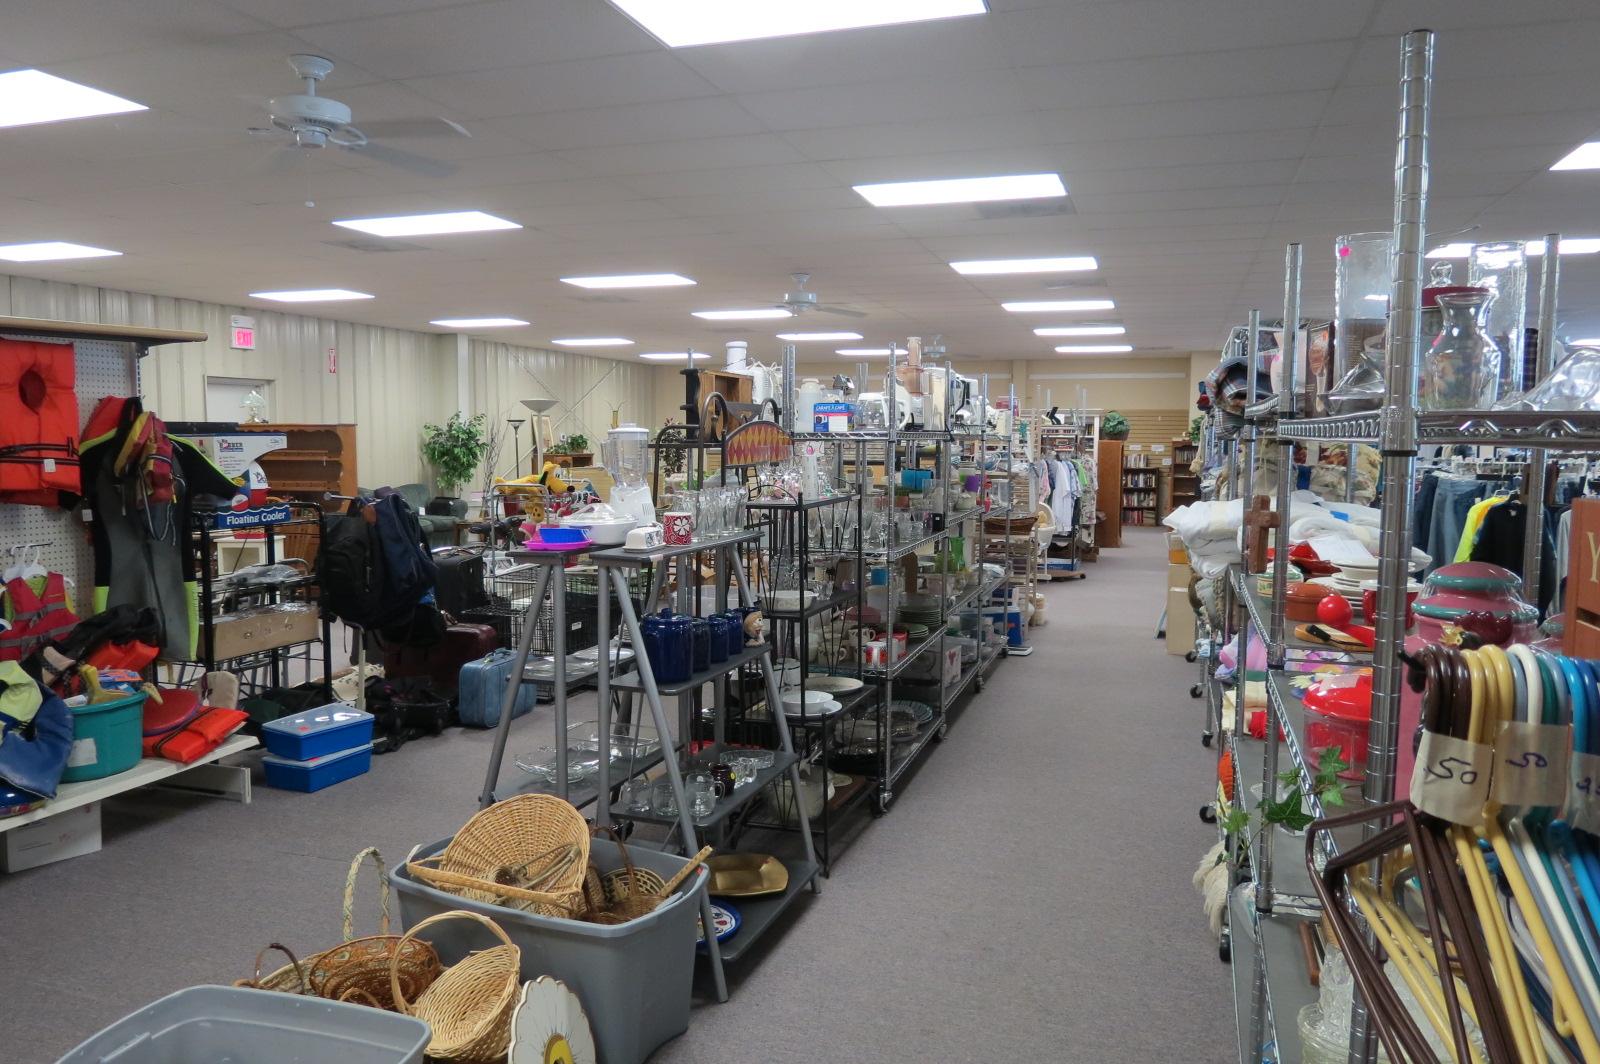 187 Thrift Storeshare The Harvest